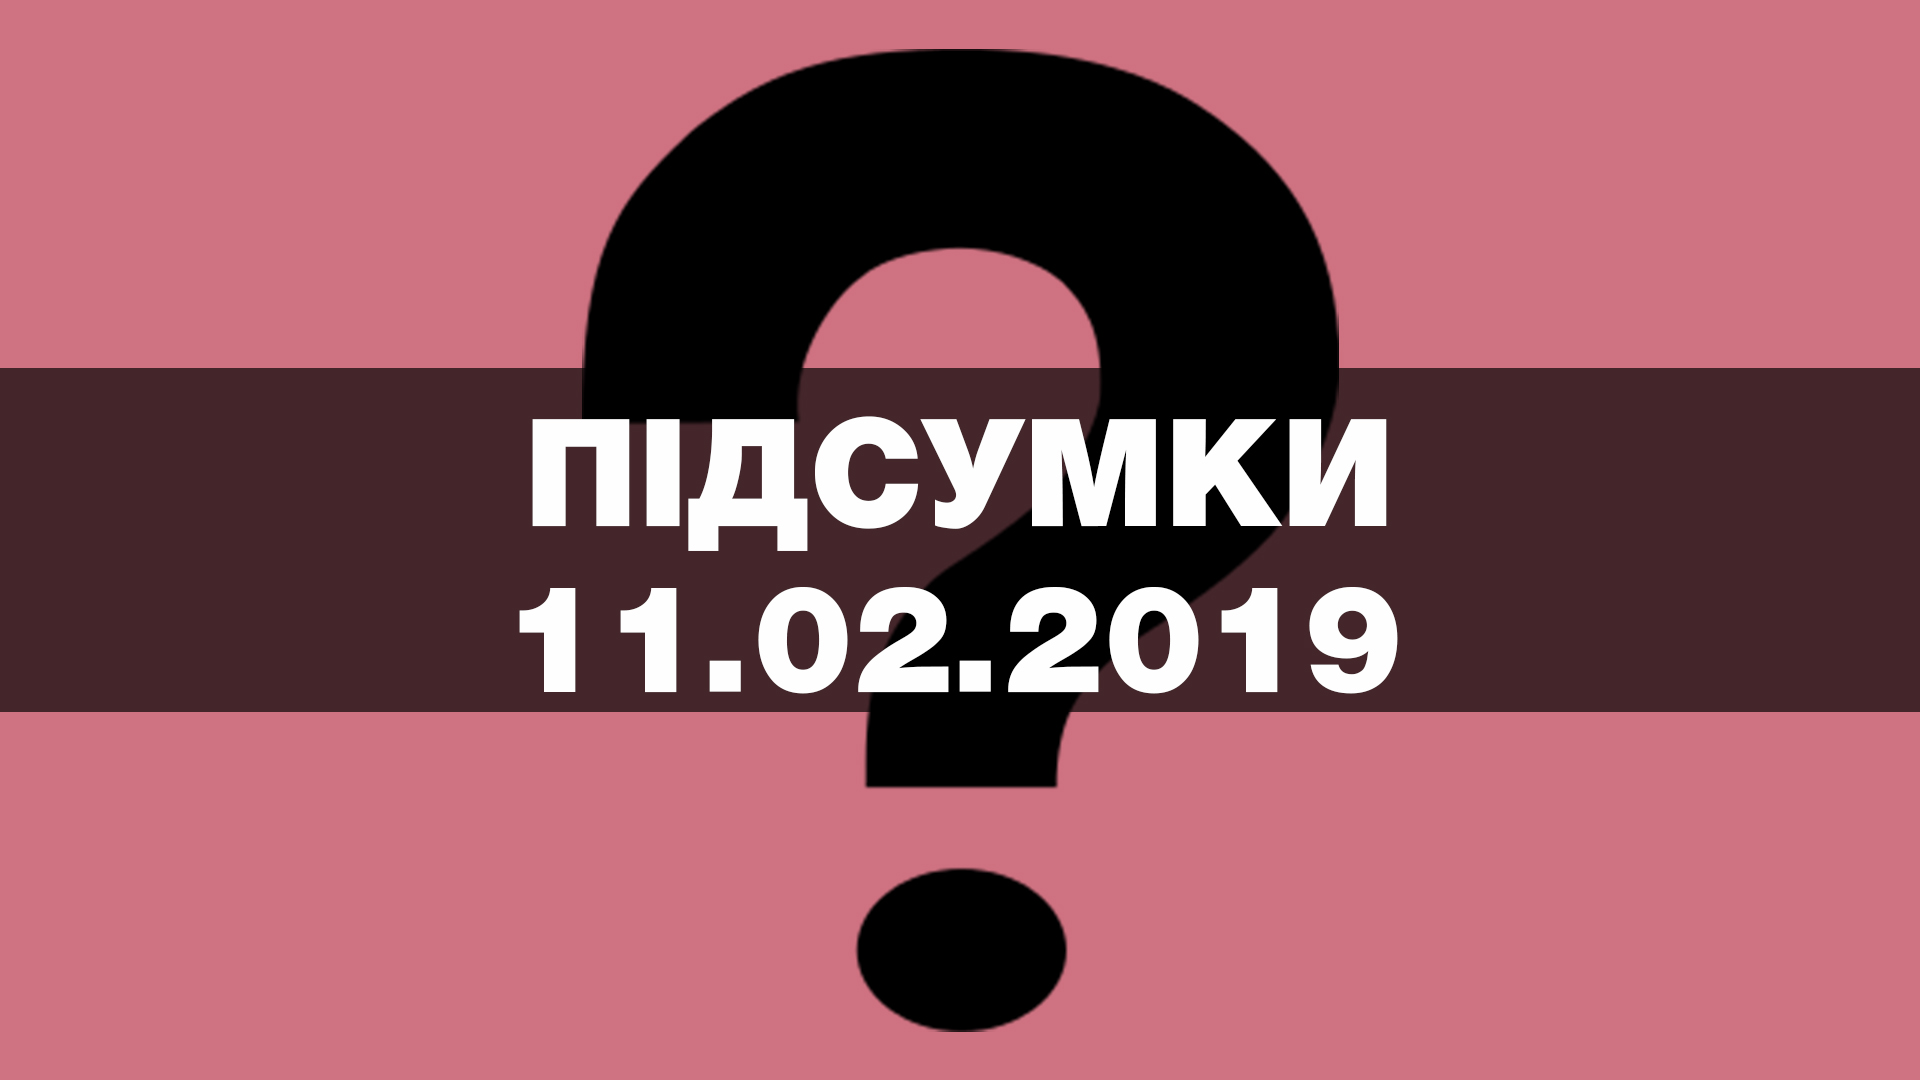 Відомий організатор вбивства Гандзюк, окупанти проведуть навчання у Криму, – найважливіші новини понеділка за 60 секунд